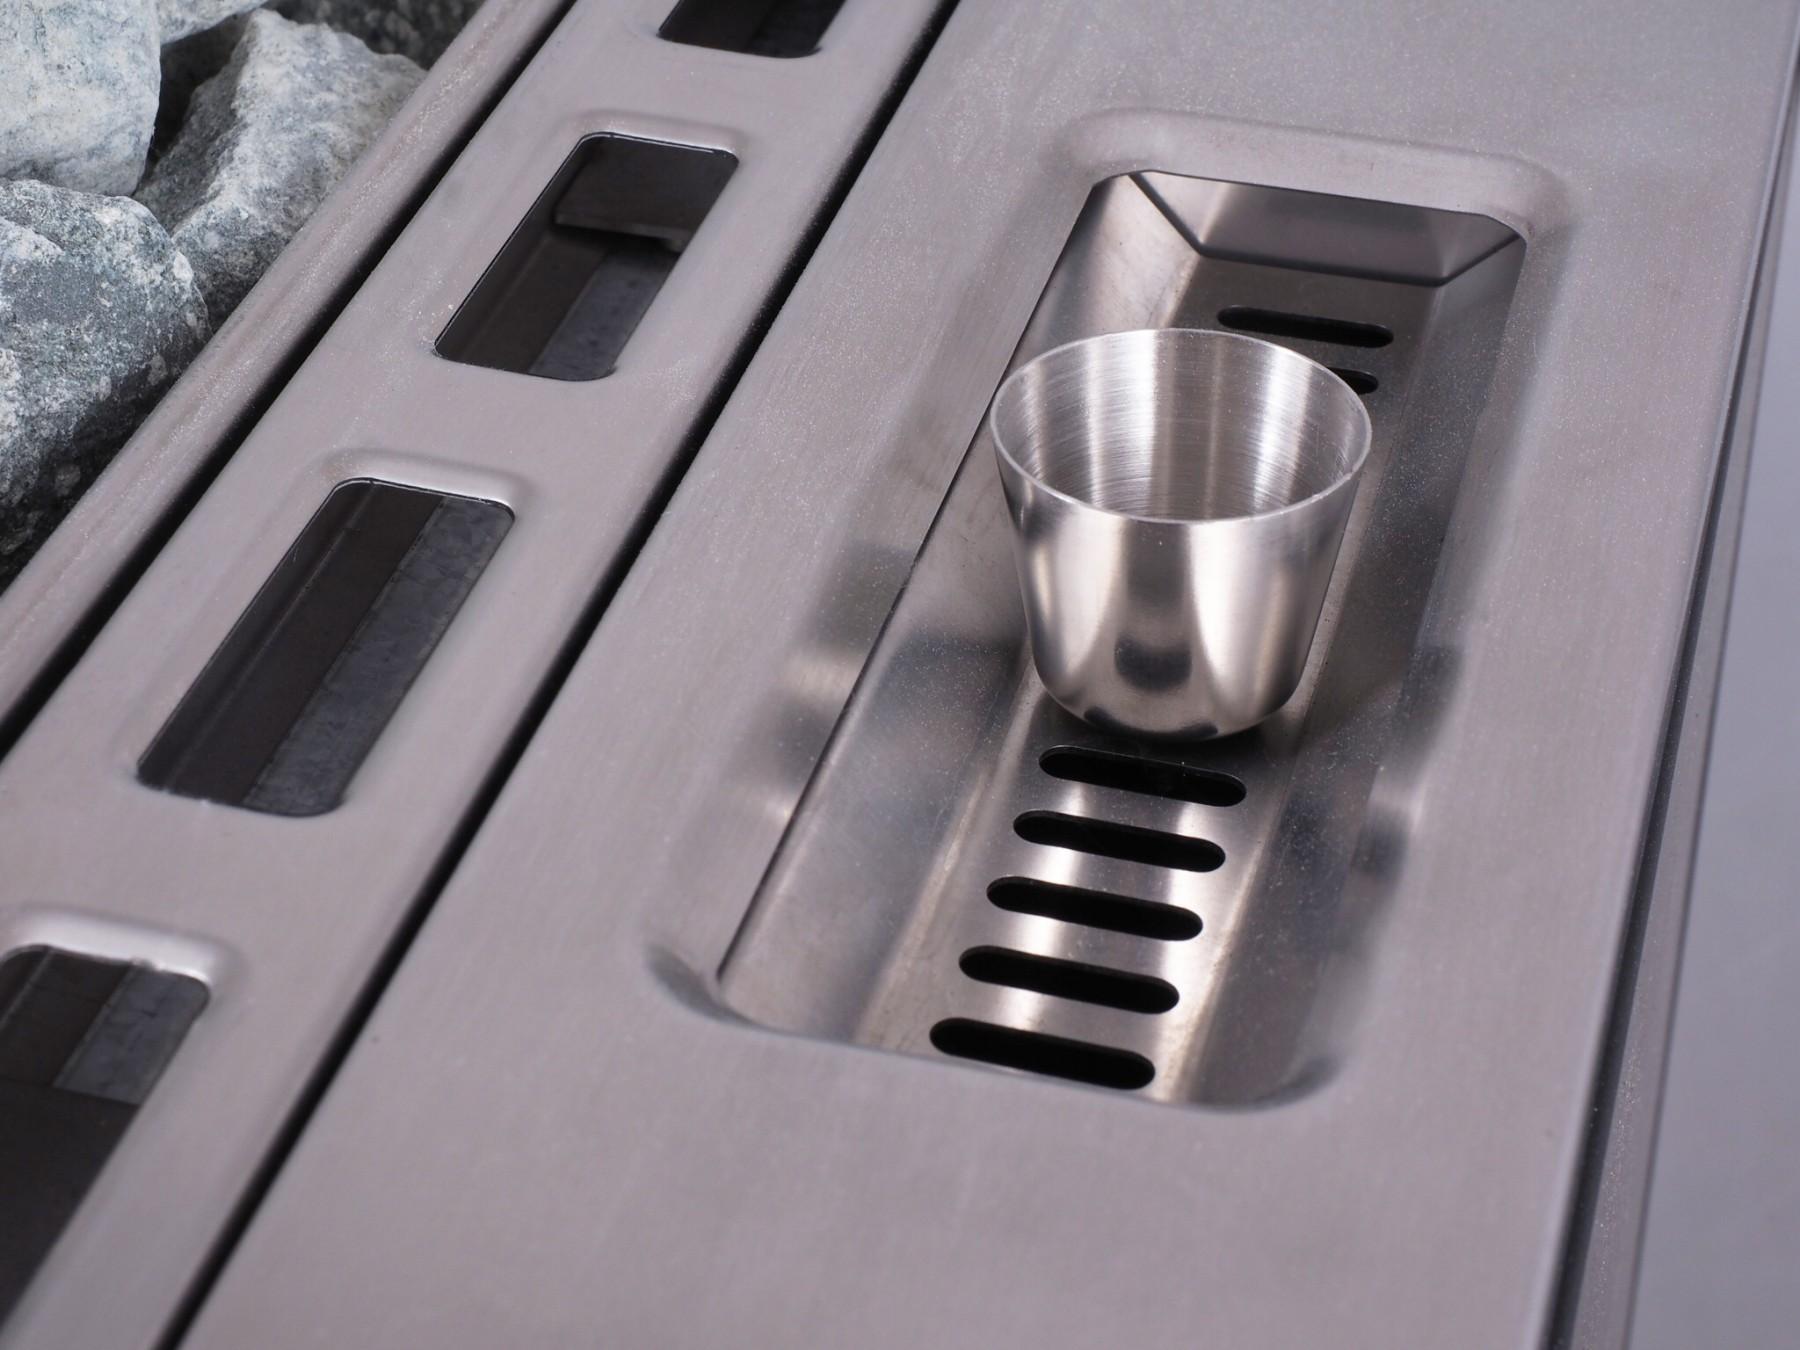 Stufa Per Sauna Finlandese Apollo Da 6kW Con Generatore